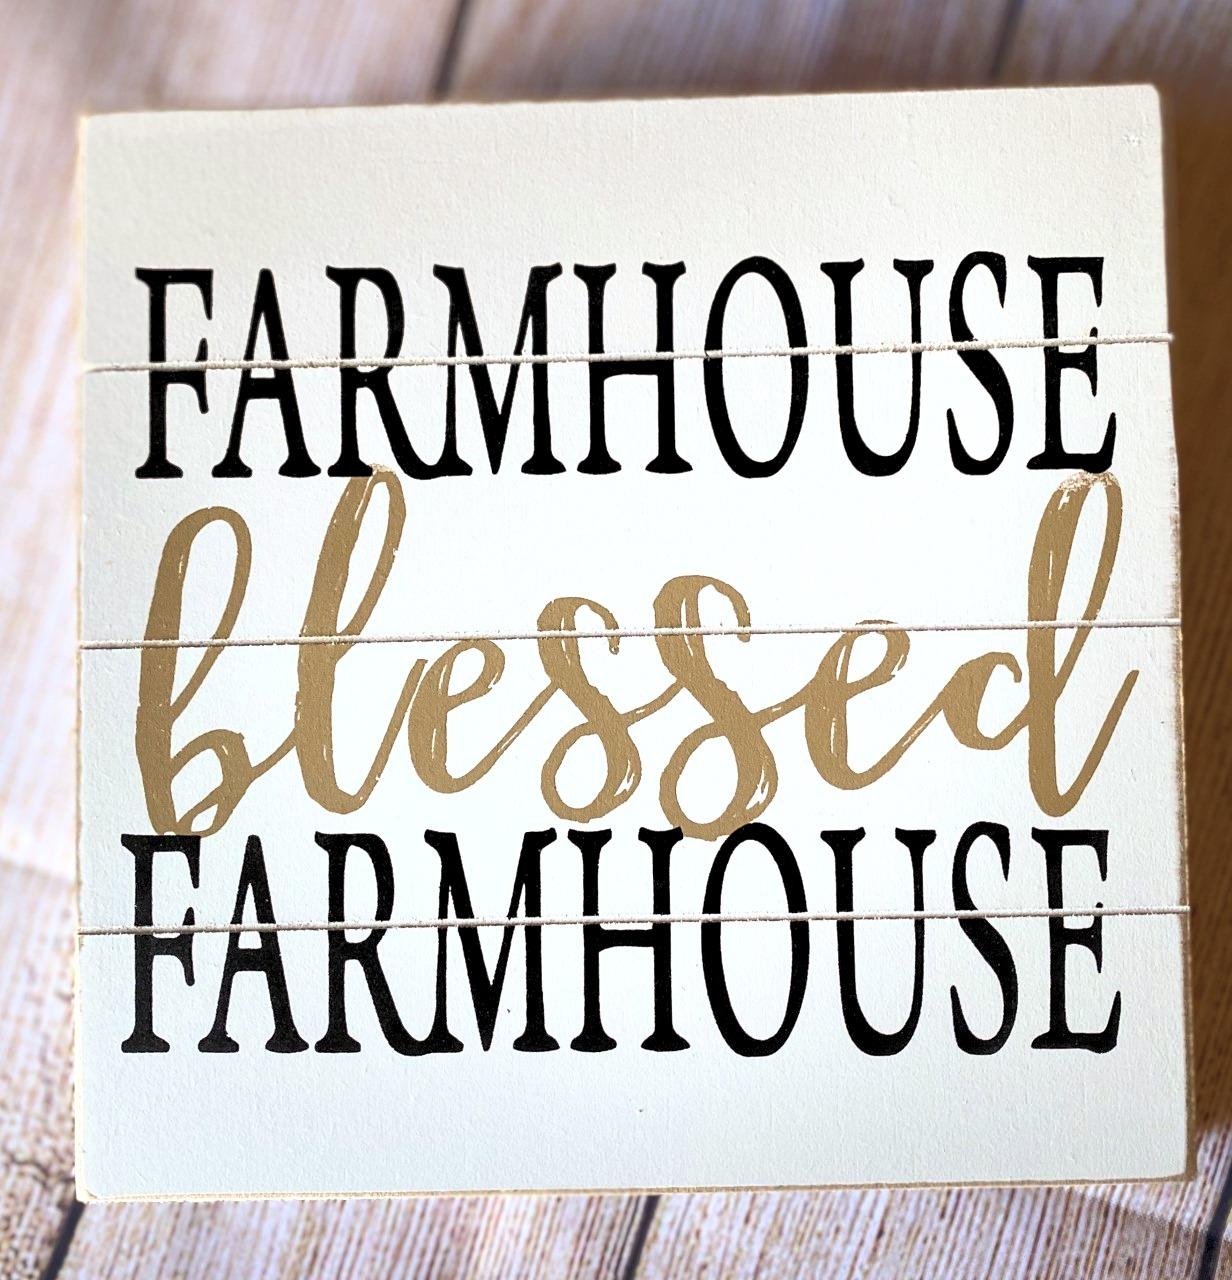 farmhouse%20blessed%20farmhouse_edited